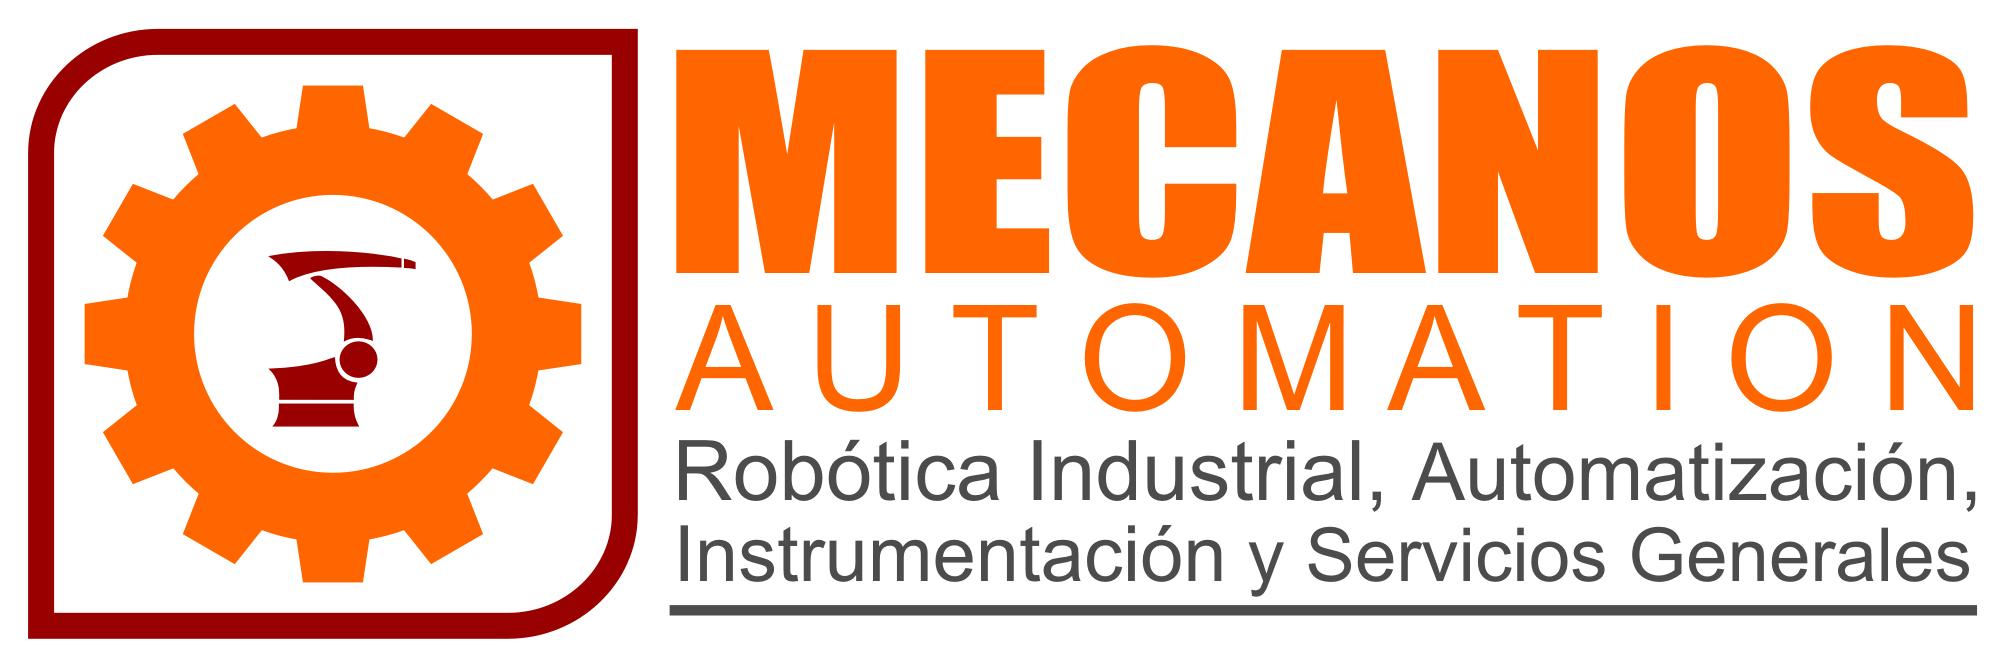 mecanos_logo